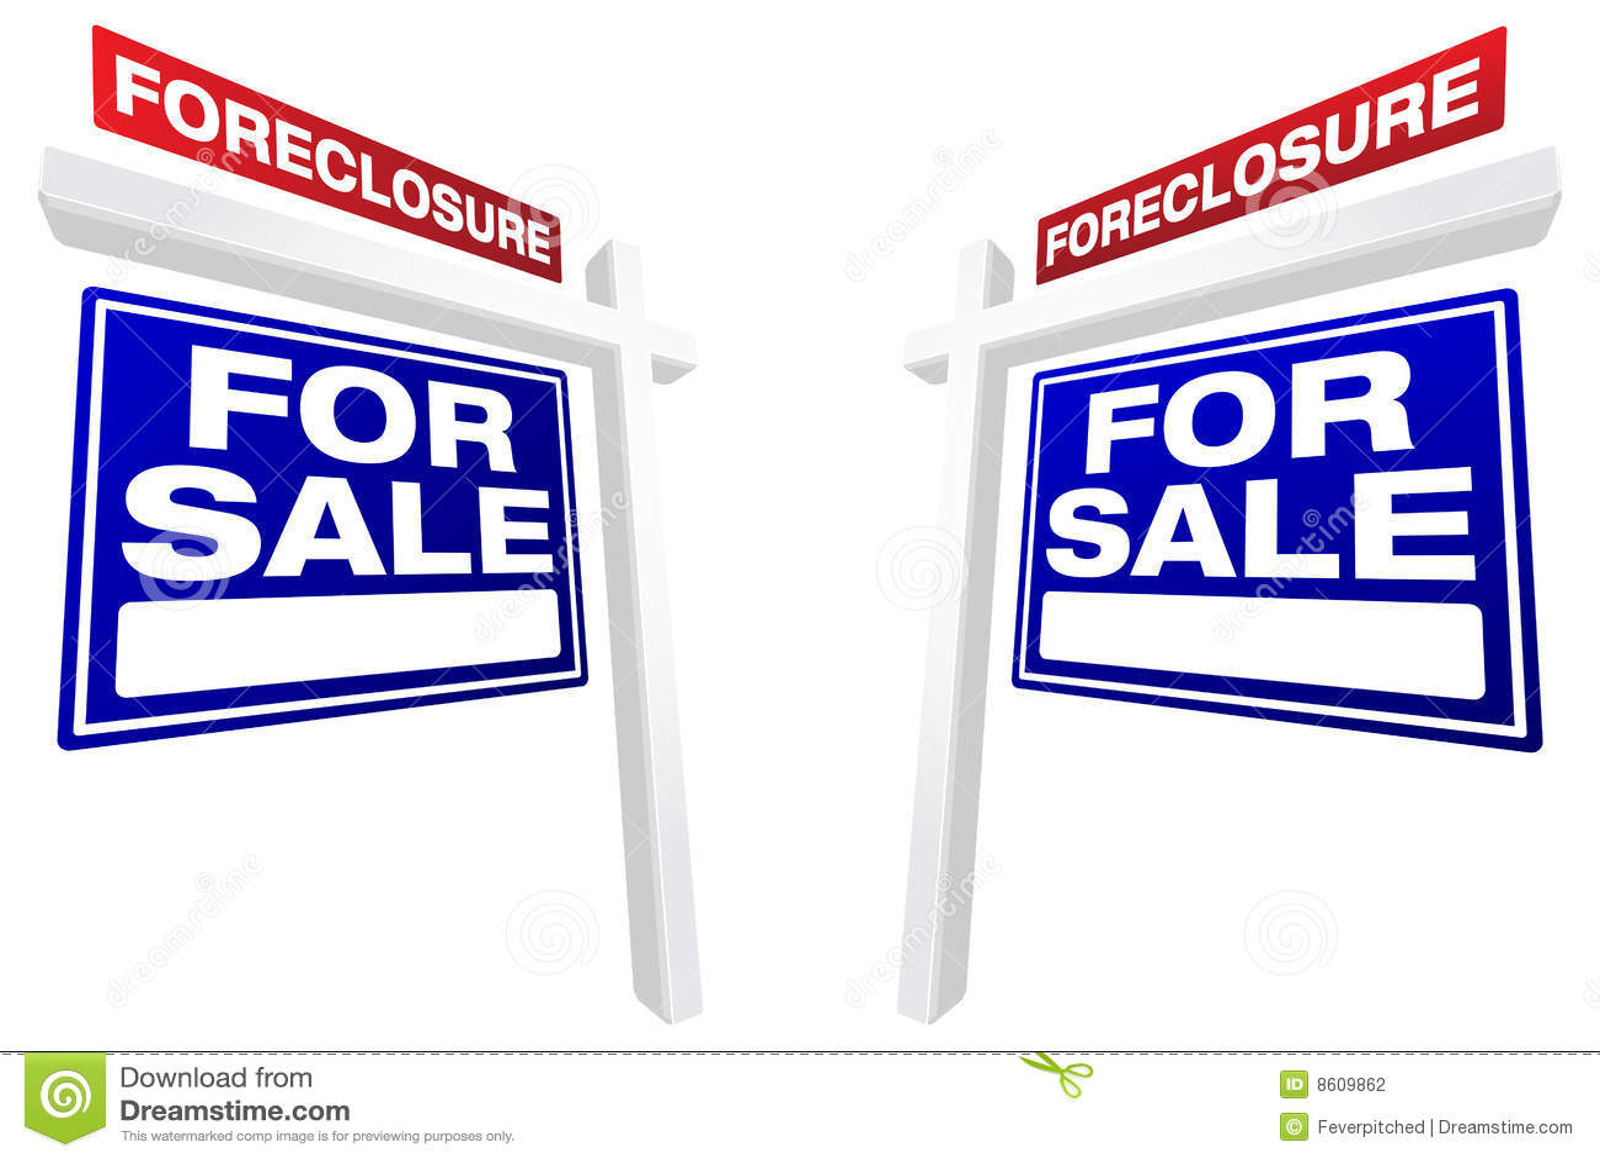 Nieruchomości foreclosure pary istni sprzedaży znaki